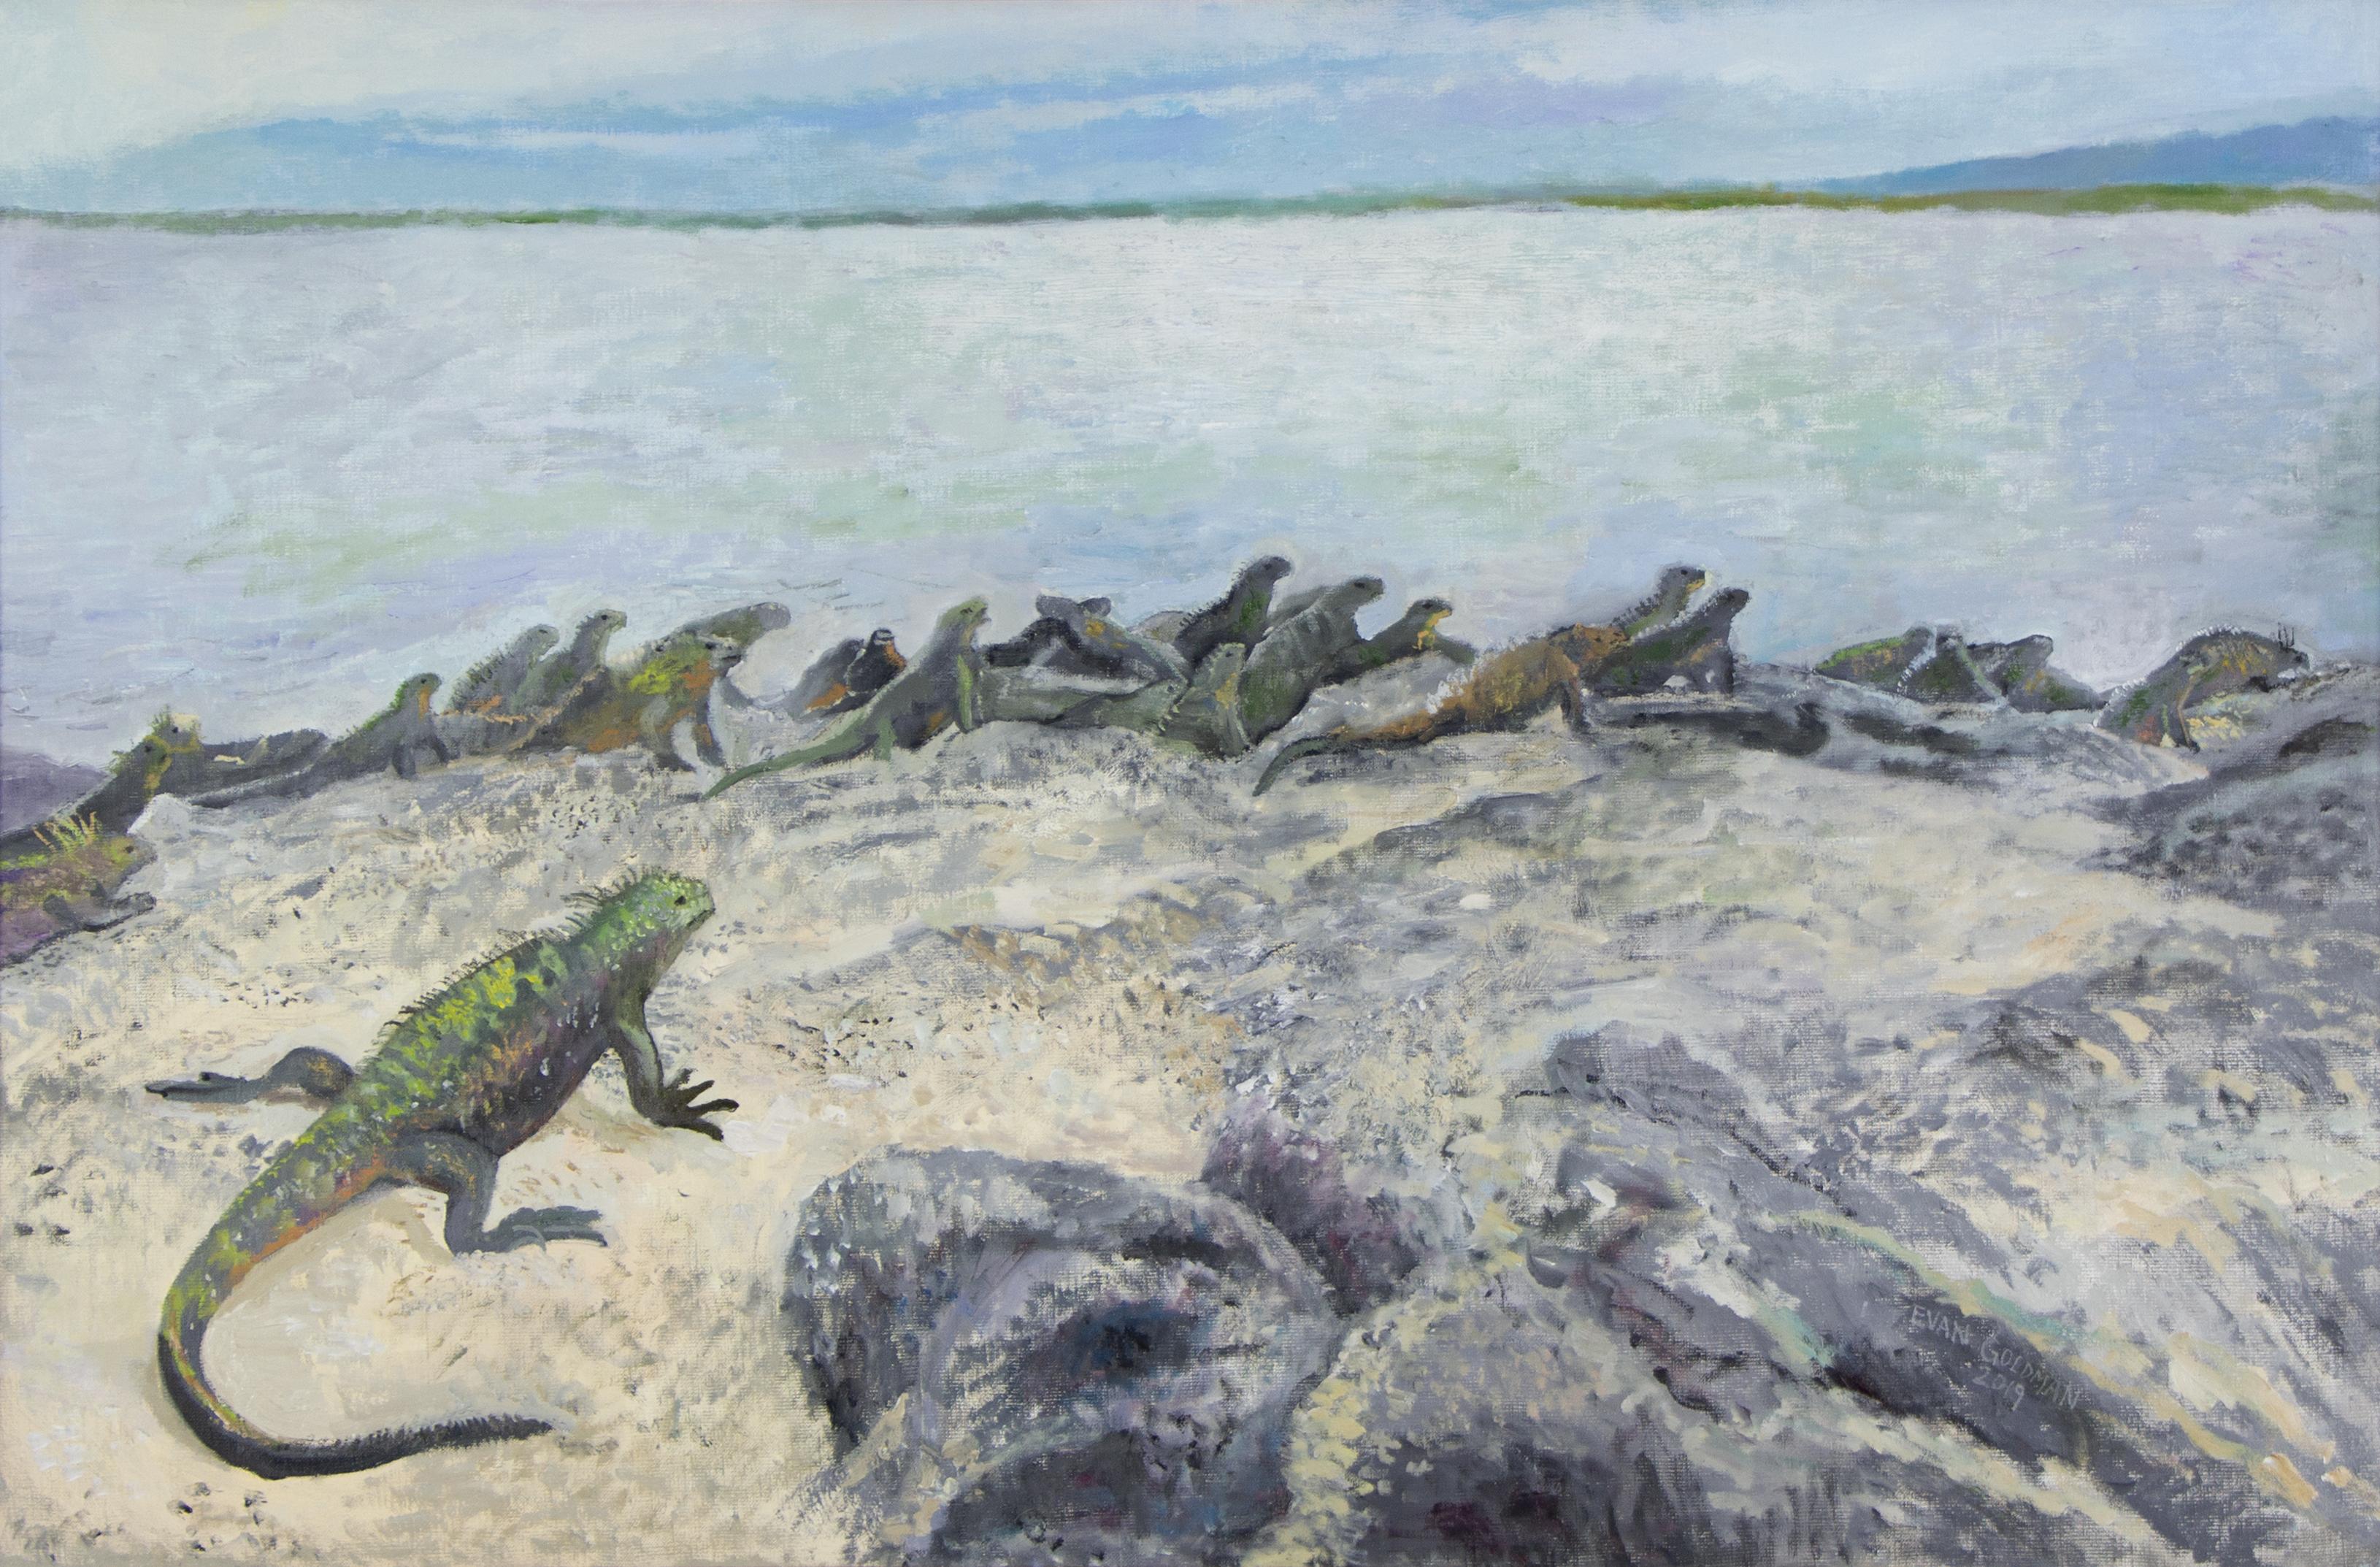 Iguanas' Paradise